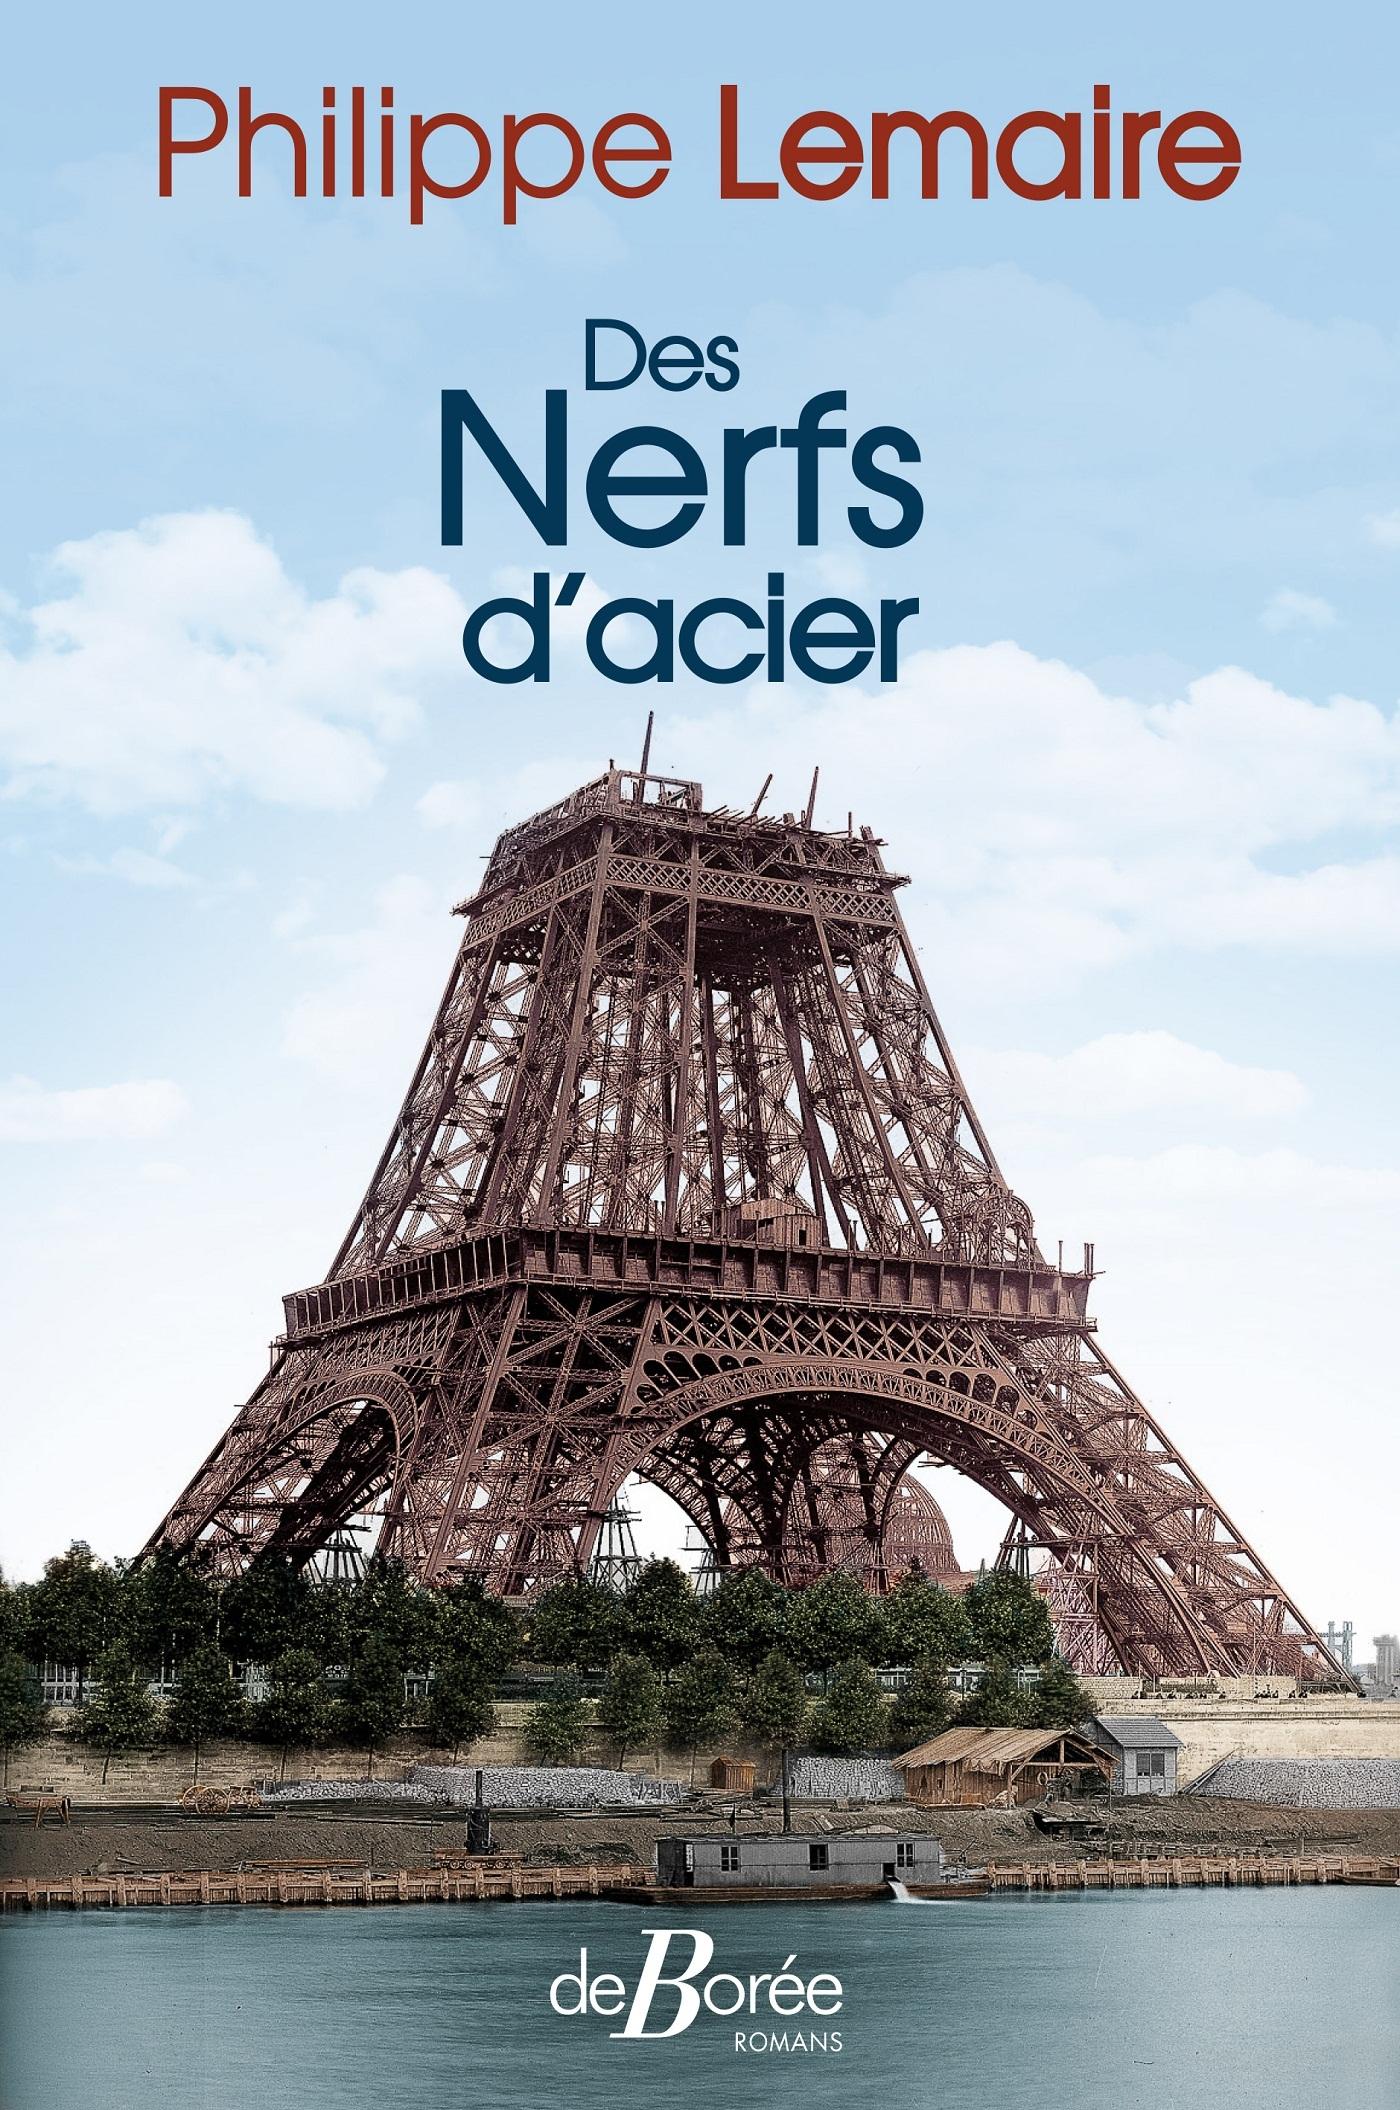 DES NERFS D'ACIER